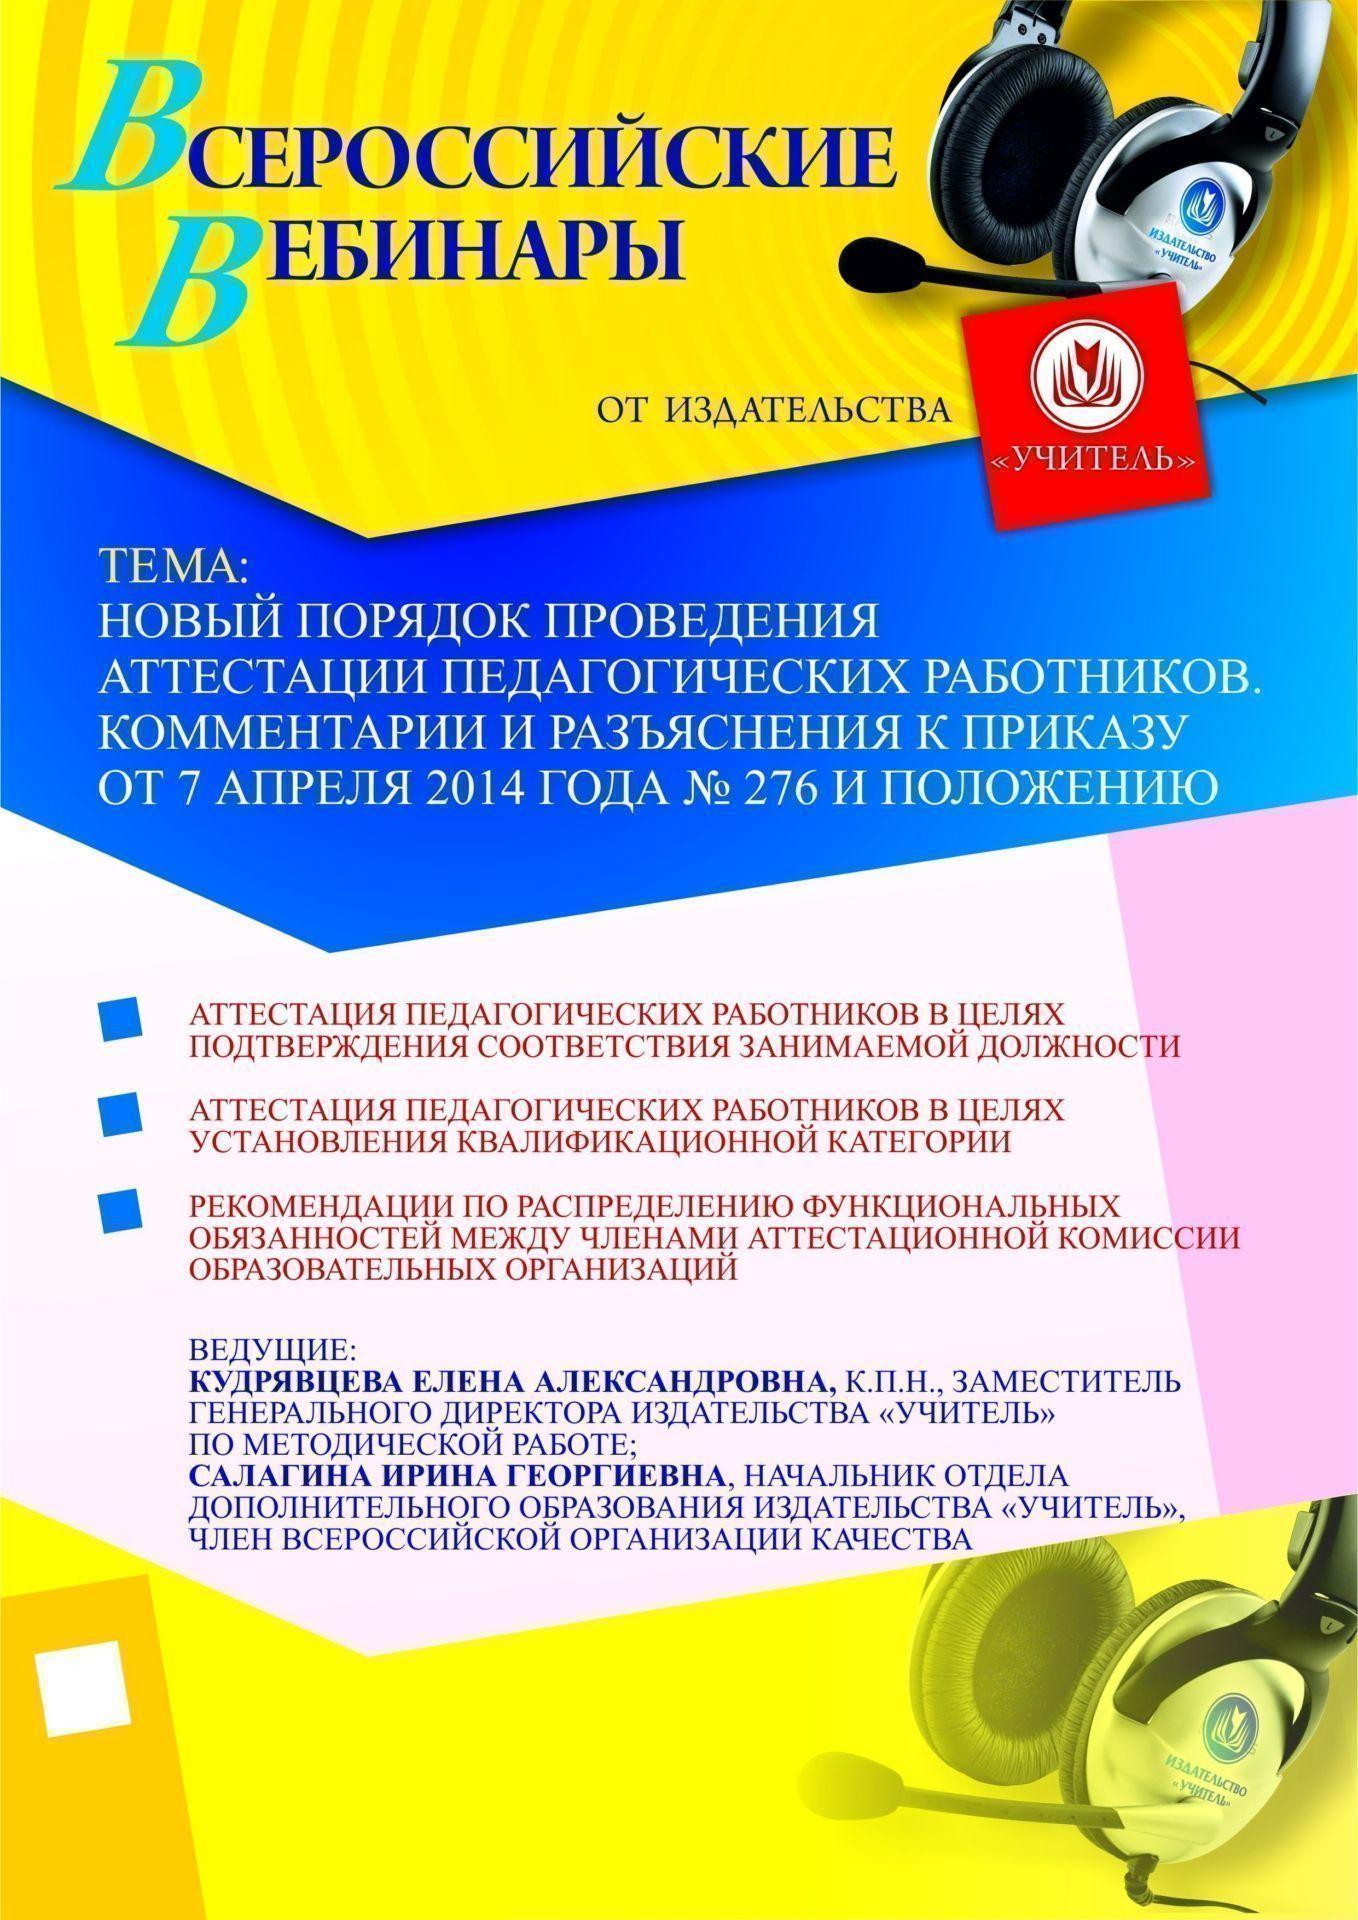 Новый порядок проведения аттестации педагогических работников. Комментарии и разъяснения к приказу от 7 апреля 2014 года № 276 и положению фото